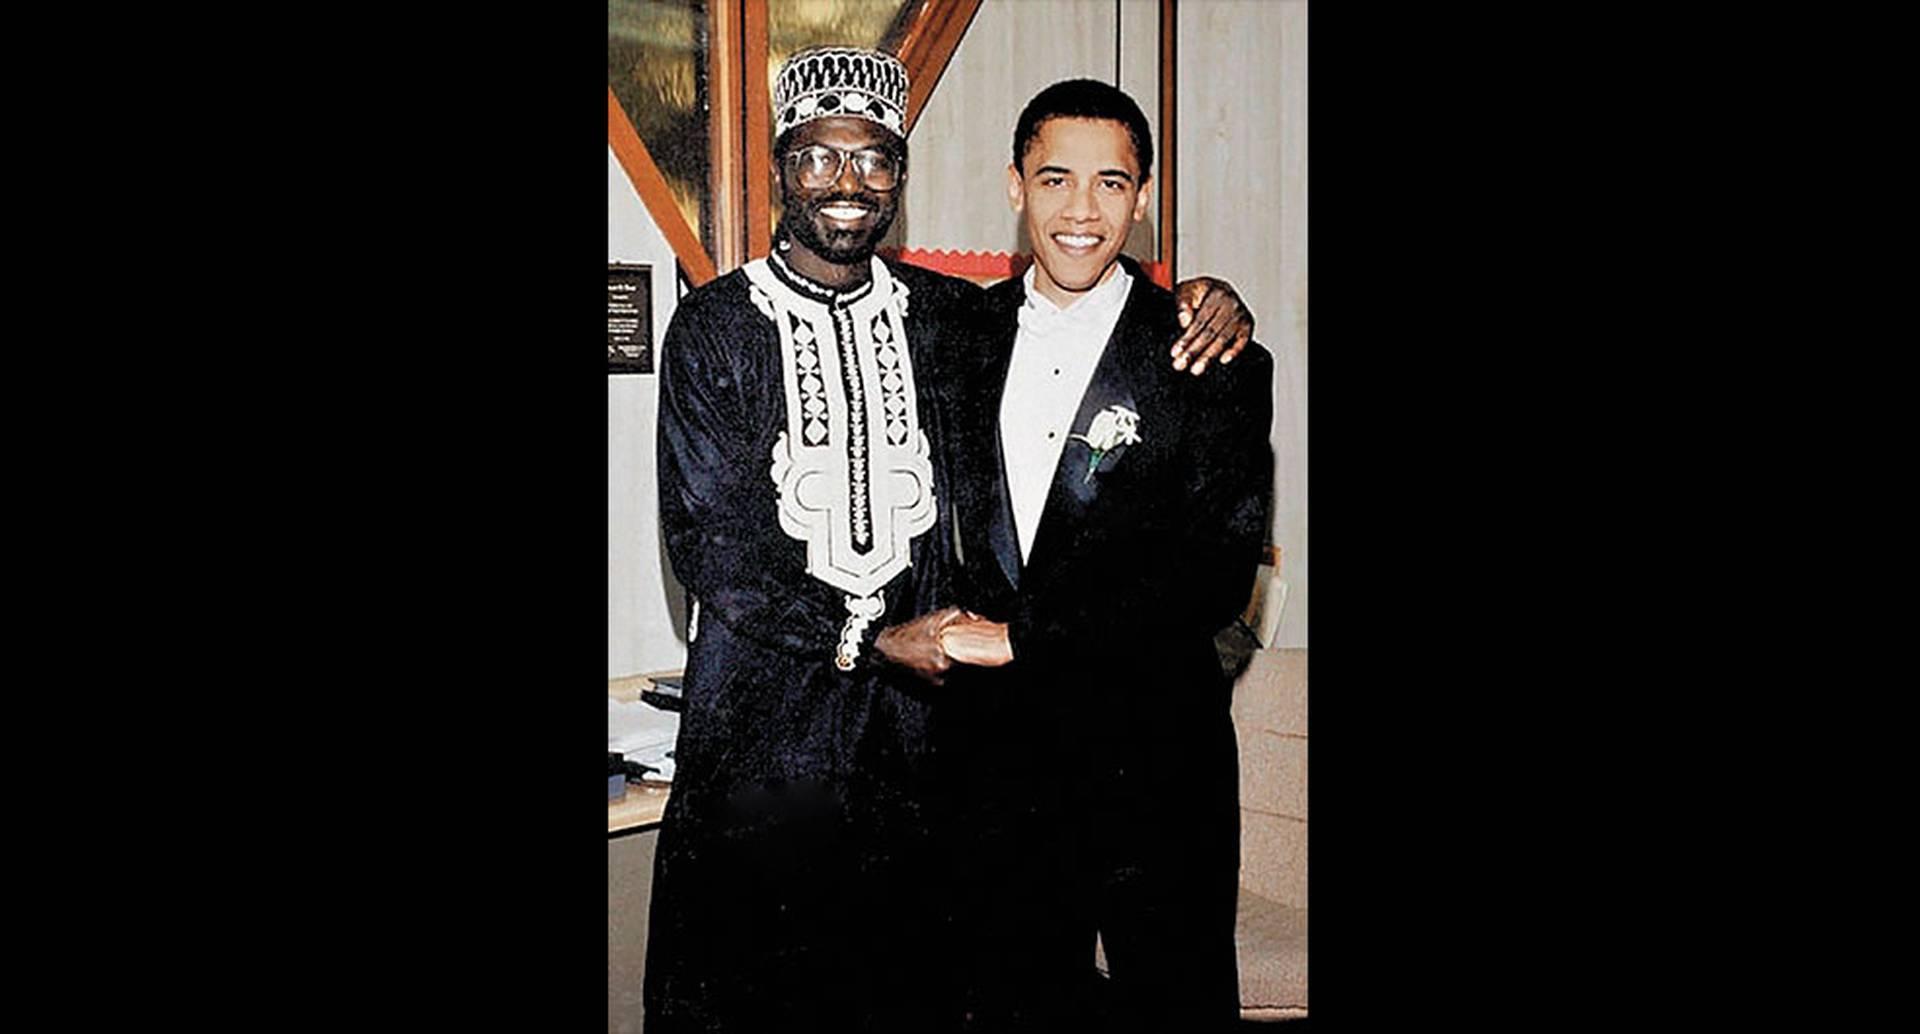 Malik es medio hermano del expresidente por parte de su padre. Eran tan unidos que el futuro presidente lo nombró padrino en la boda con su esposa Michelle, en 1992, como lo recuerda esta imagen.